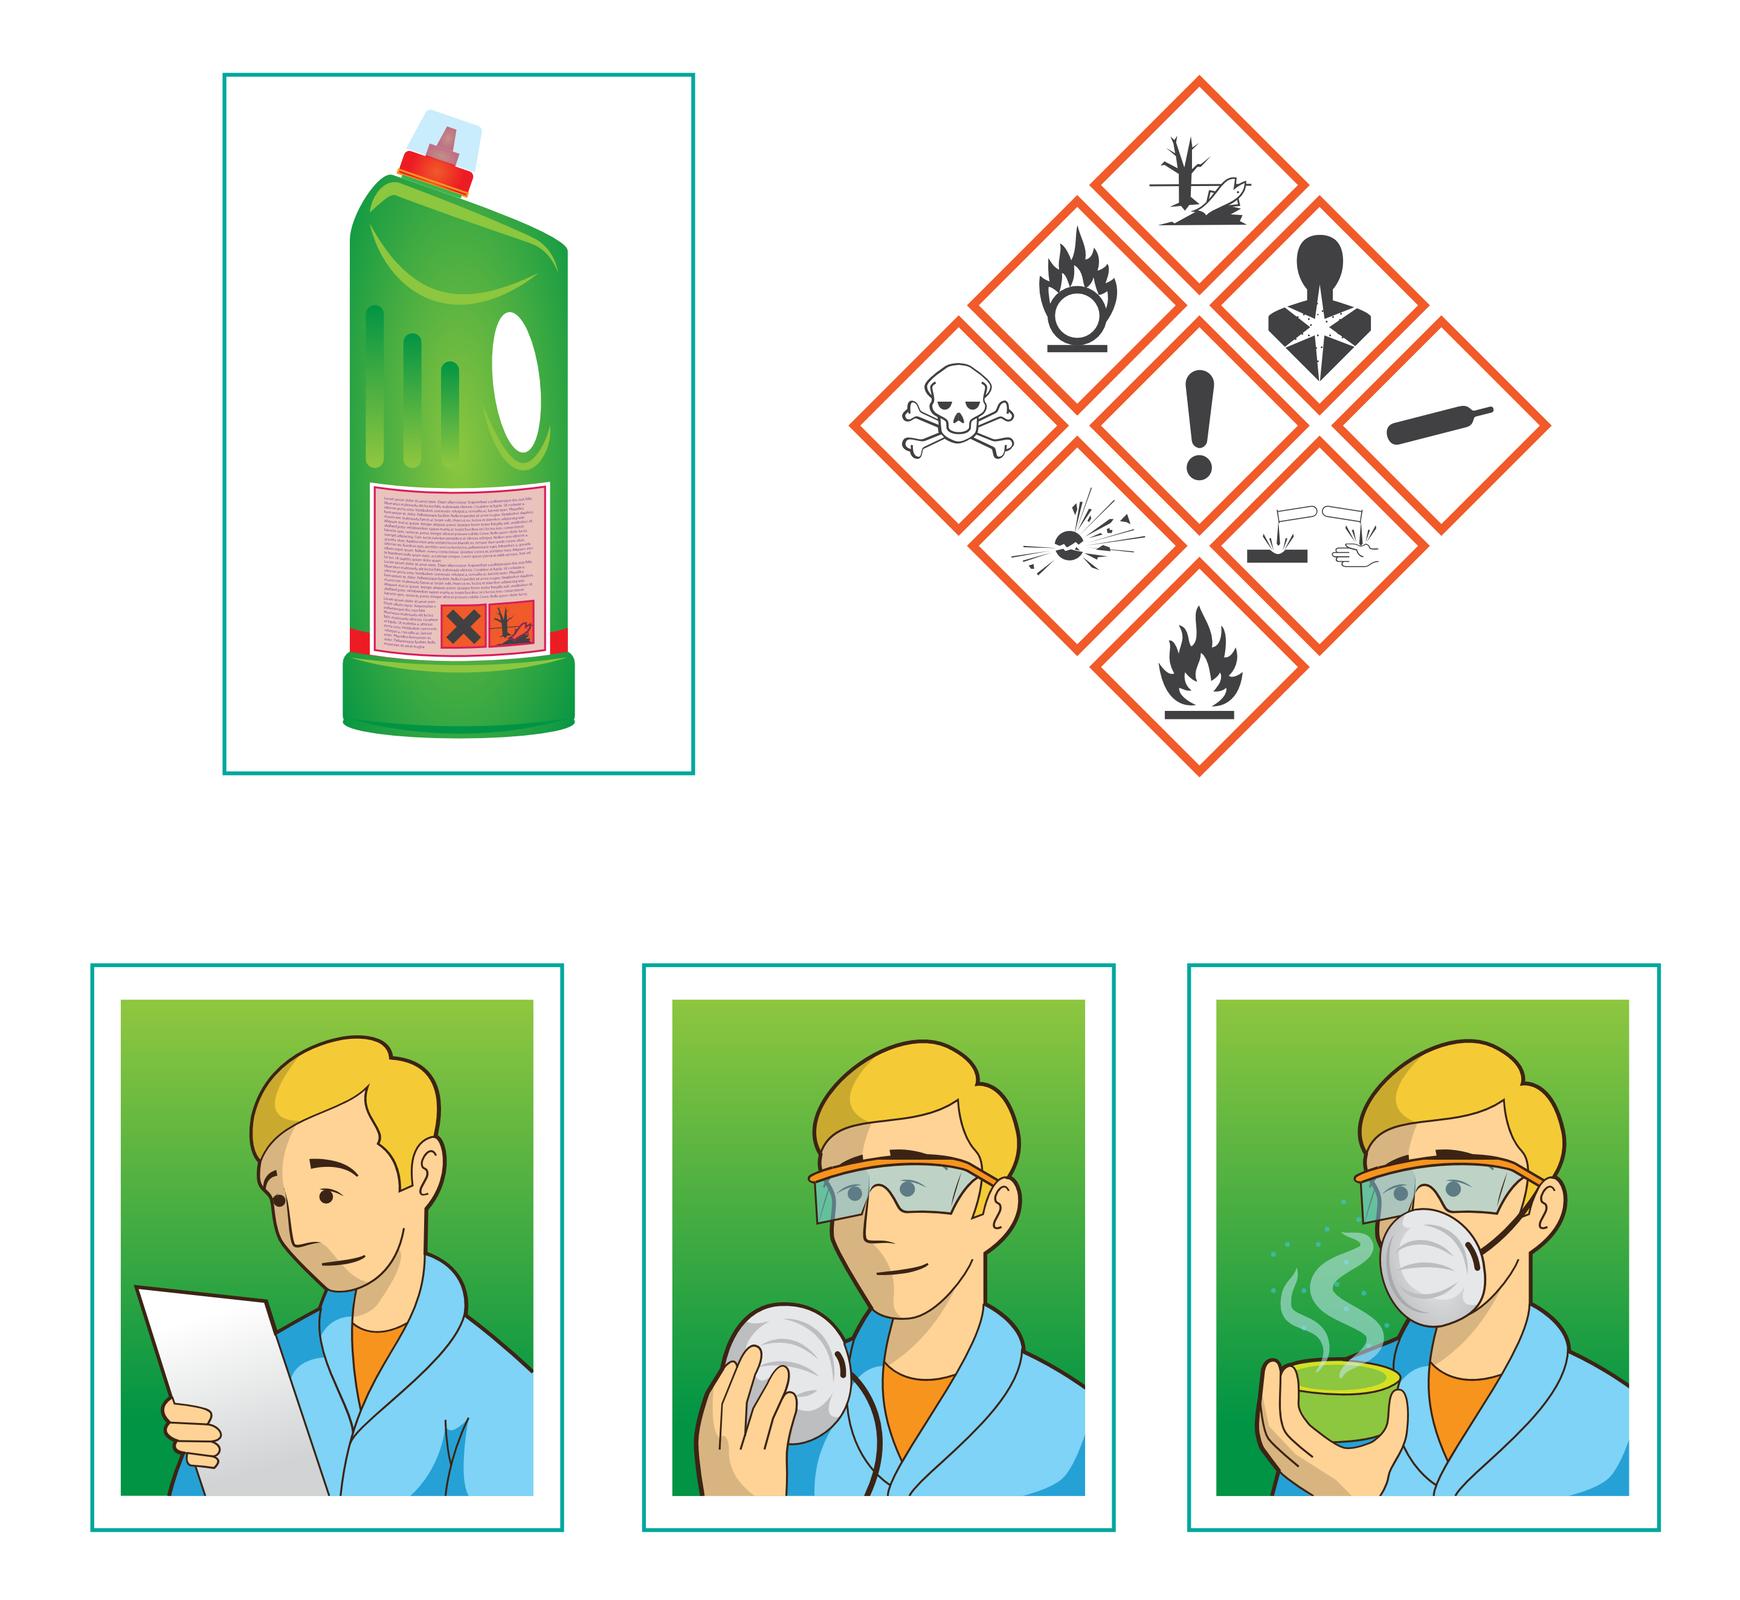 Ilustracja przedstawia sposób korzystania zostrzeżeń zawartych wkartach substancji chemicznych. Wlewym górnym rogu znajduje się rysunek typowej butelki zagresywnym płynem do czyszczenia, zwidoczną etykietką zawierającą znaki ostrzegawcze wstarej wersji, czyli na pomarańczowym tle. Obok po prawej widocznych jest dziewięć często spotykanych piktogramów wobecnie obowiązującej postaci, czyli białych rombów zczerwonym obrzeżem iczarnym rysunkiem. Same piktogramy również ułożone są wkształt rombu, co jest popularną metodą prezentacji tych znaków. Poniżej umieszczono komiksową ilustrację korzystania zpiktogramów. Trzy rysunki: na pierwszym człowiek czytający kartę produktu, na drugim ten sam człowiek biorący do rąk maskę mającą zabezpieczać przed oparami, na trzecim człowiek wmasce iokularach ochronnych trzymający wręce zielony pojemnik zparującą substancją.